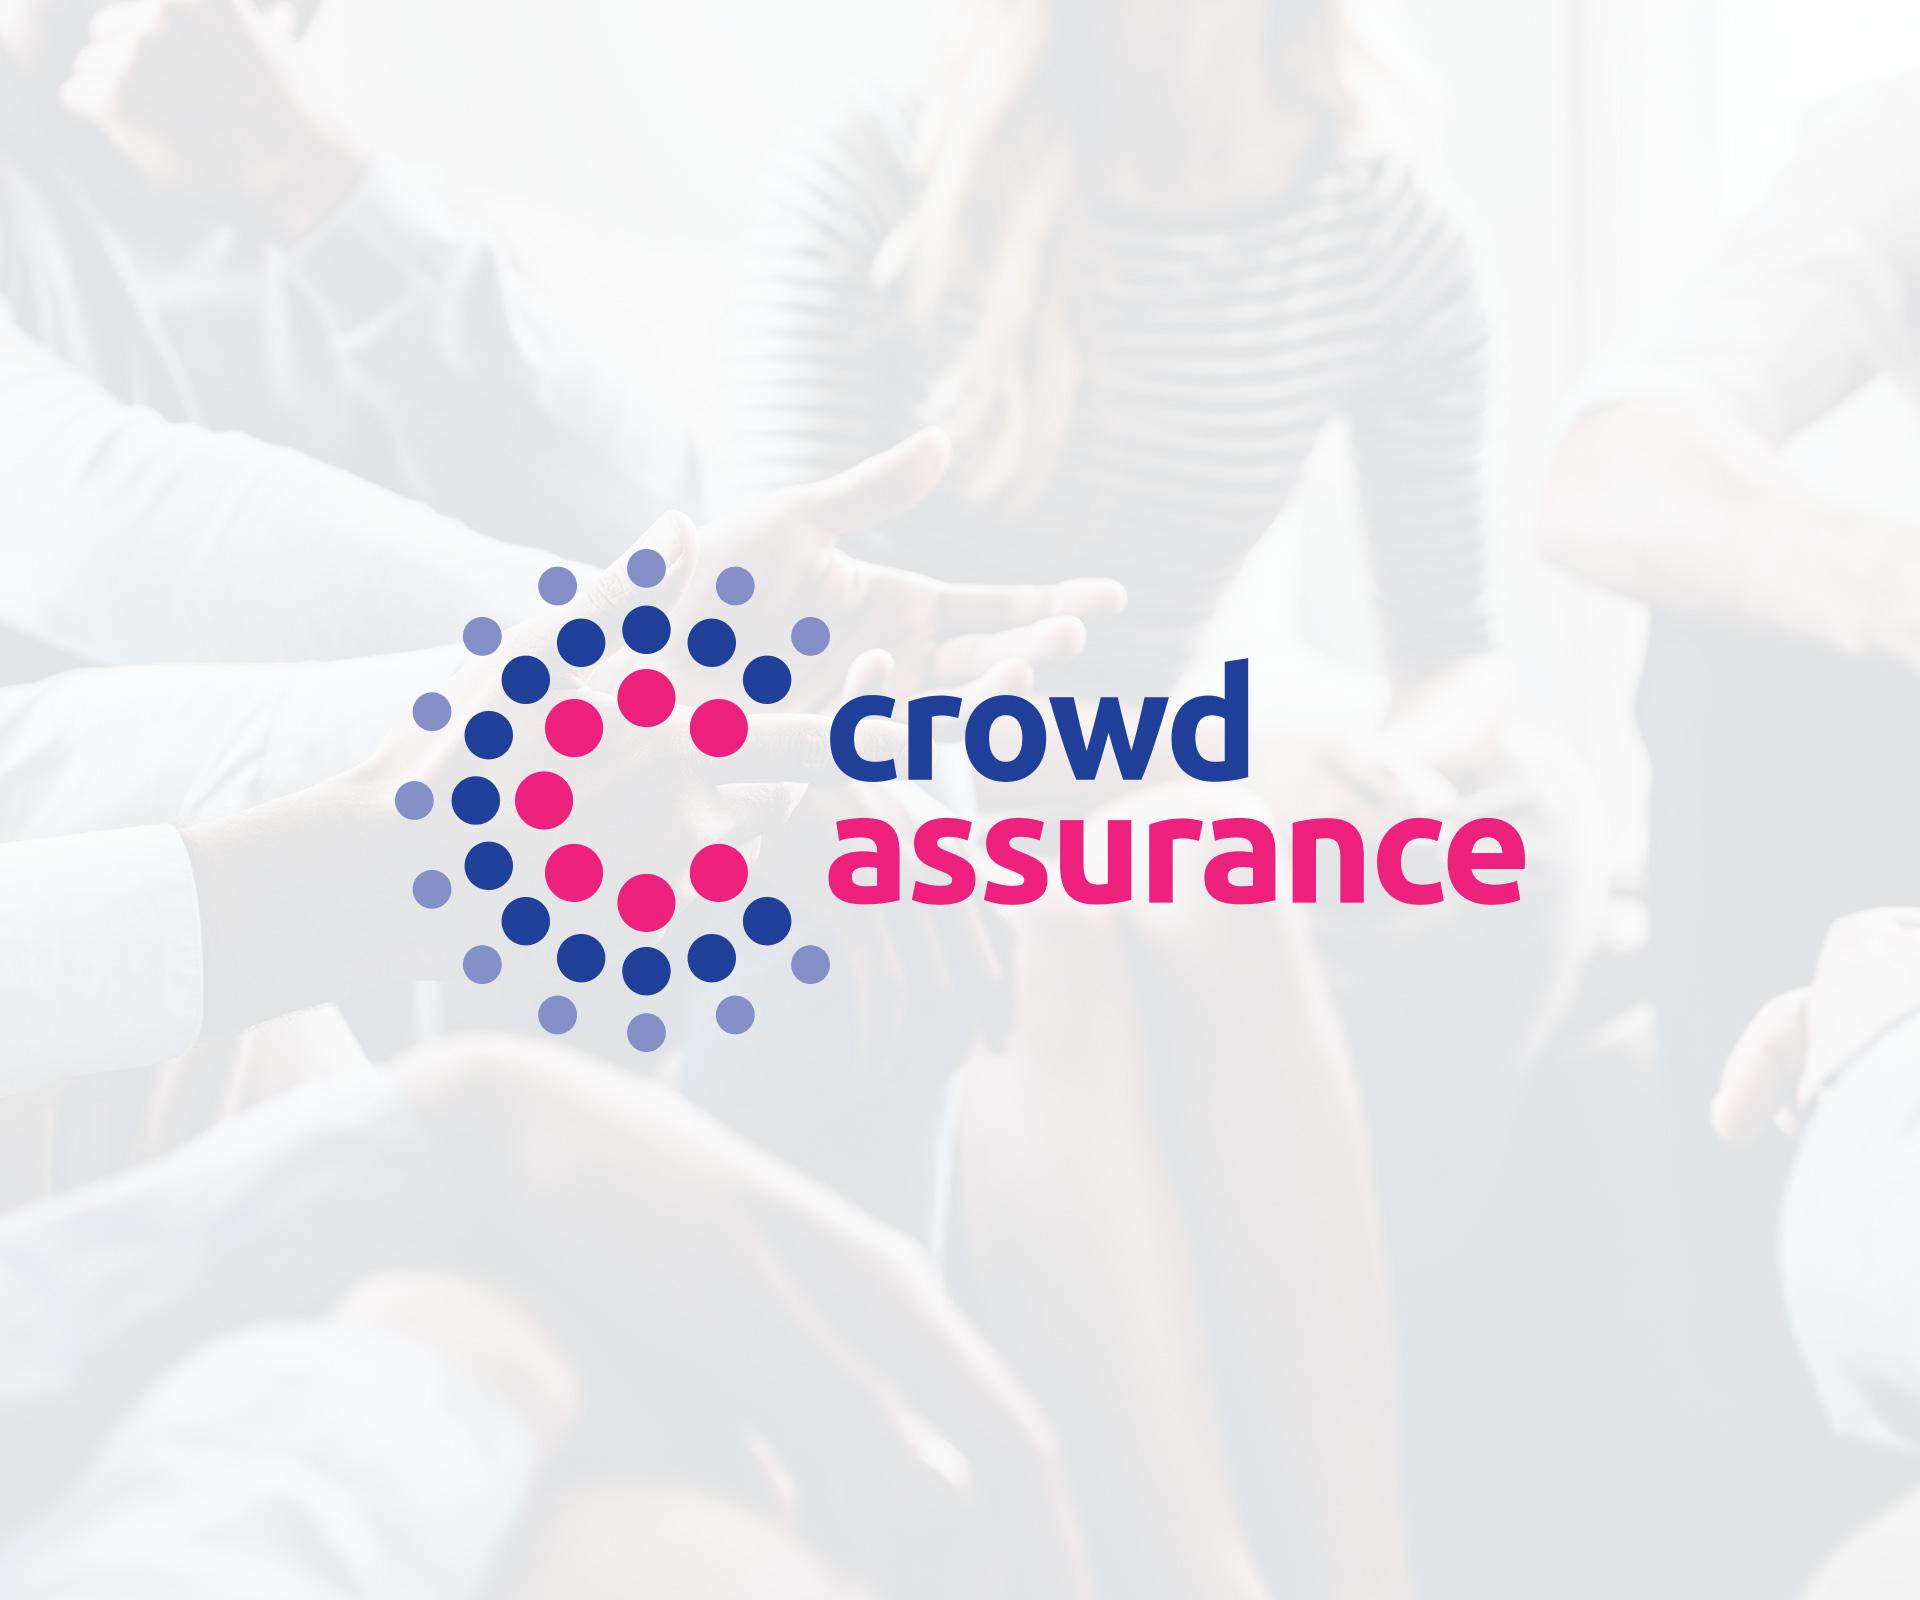 Création logo assurance emprunteur crowdfinance crowdlending